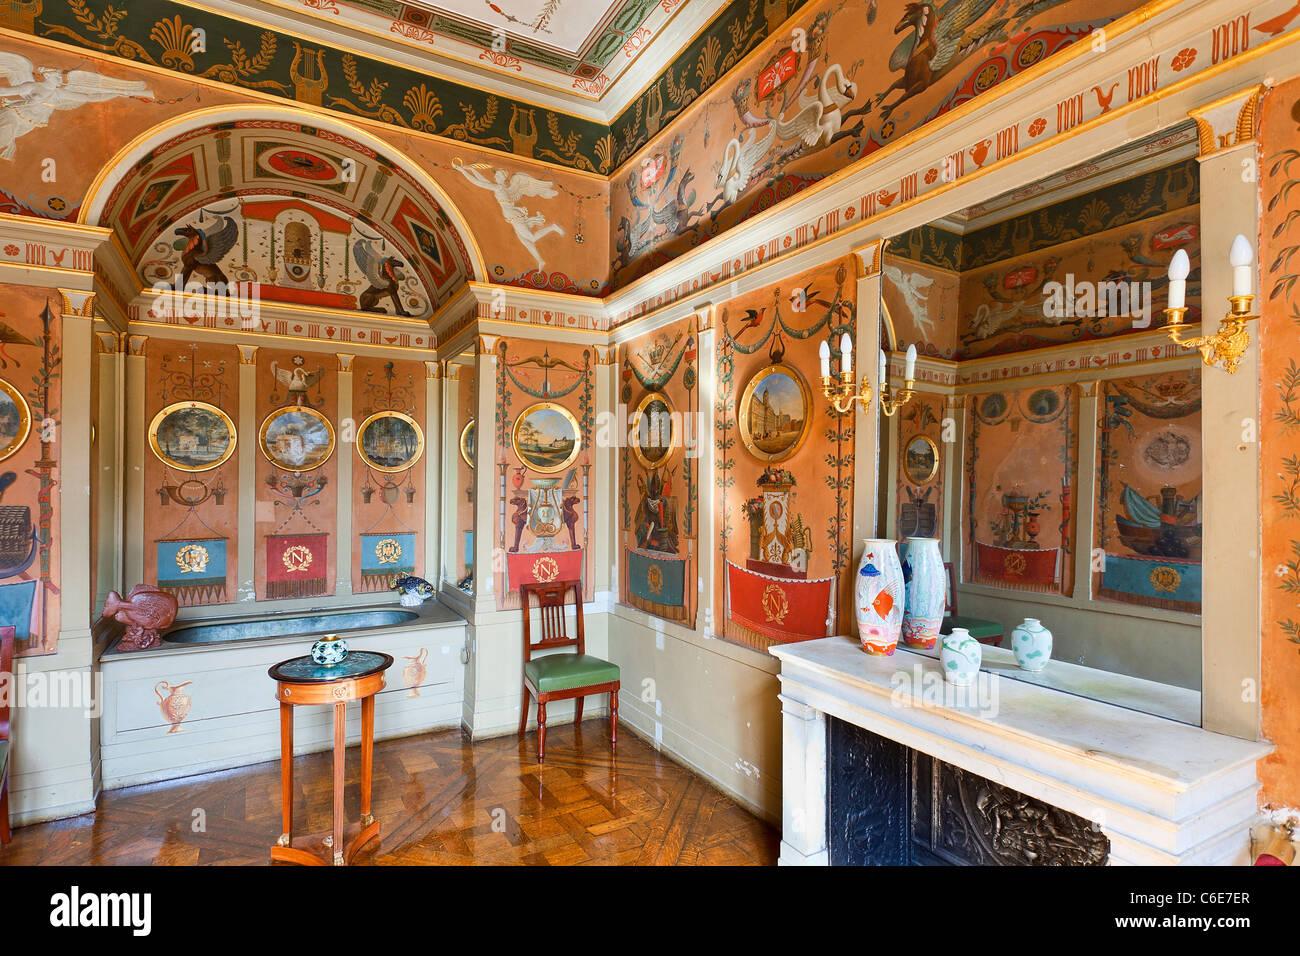 Salle De Bain Rambouillet ~ ch teau de rambouillet de la salle de bains de napol on bonaparte